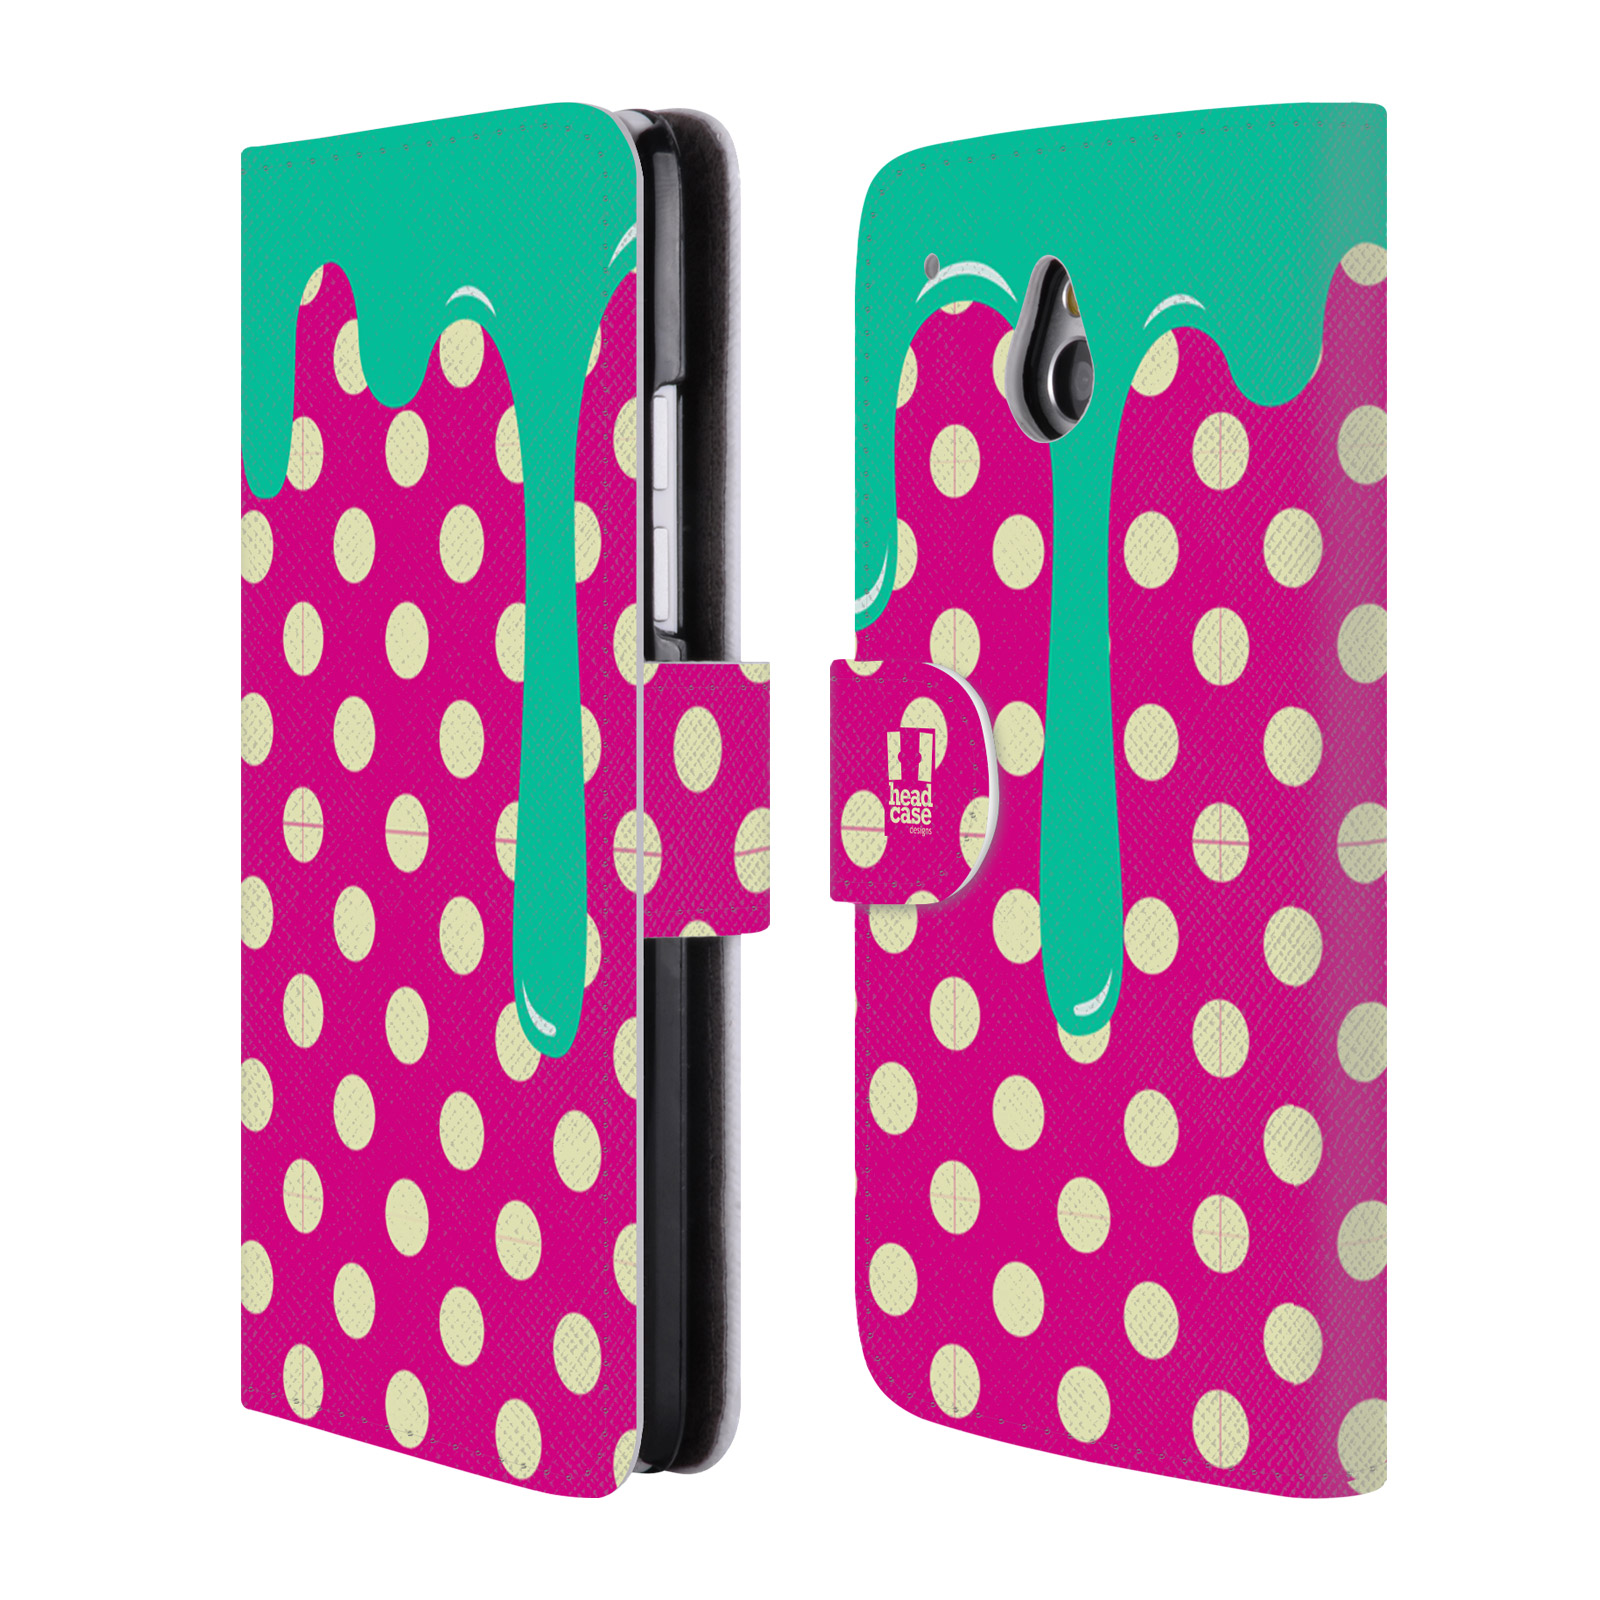 HEAD CASE Flipové pouzdro pro mobil HTC ONE MINI (M4) záplava barev a tvary zelená, růžová a tečky